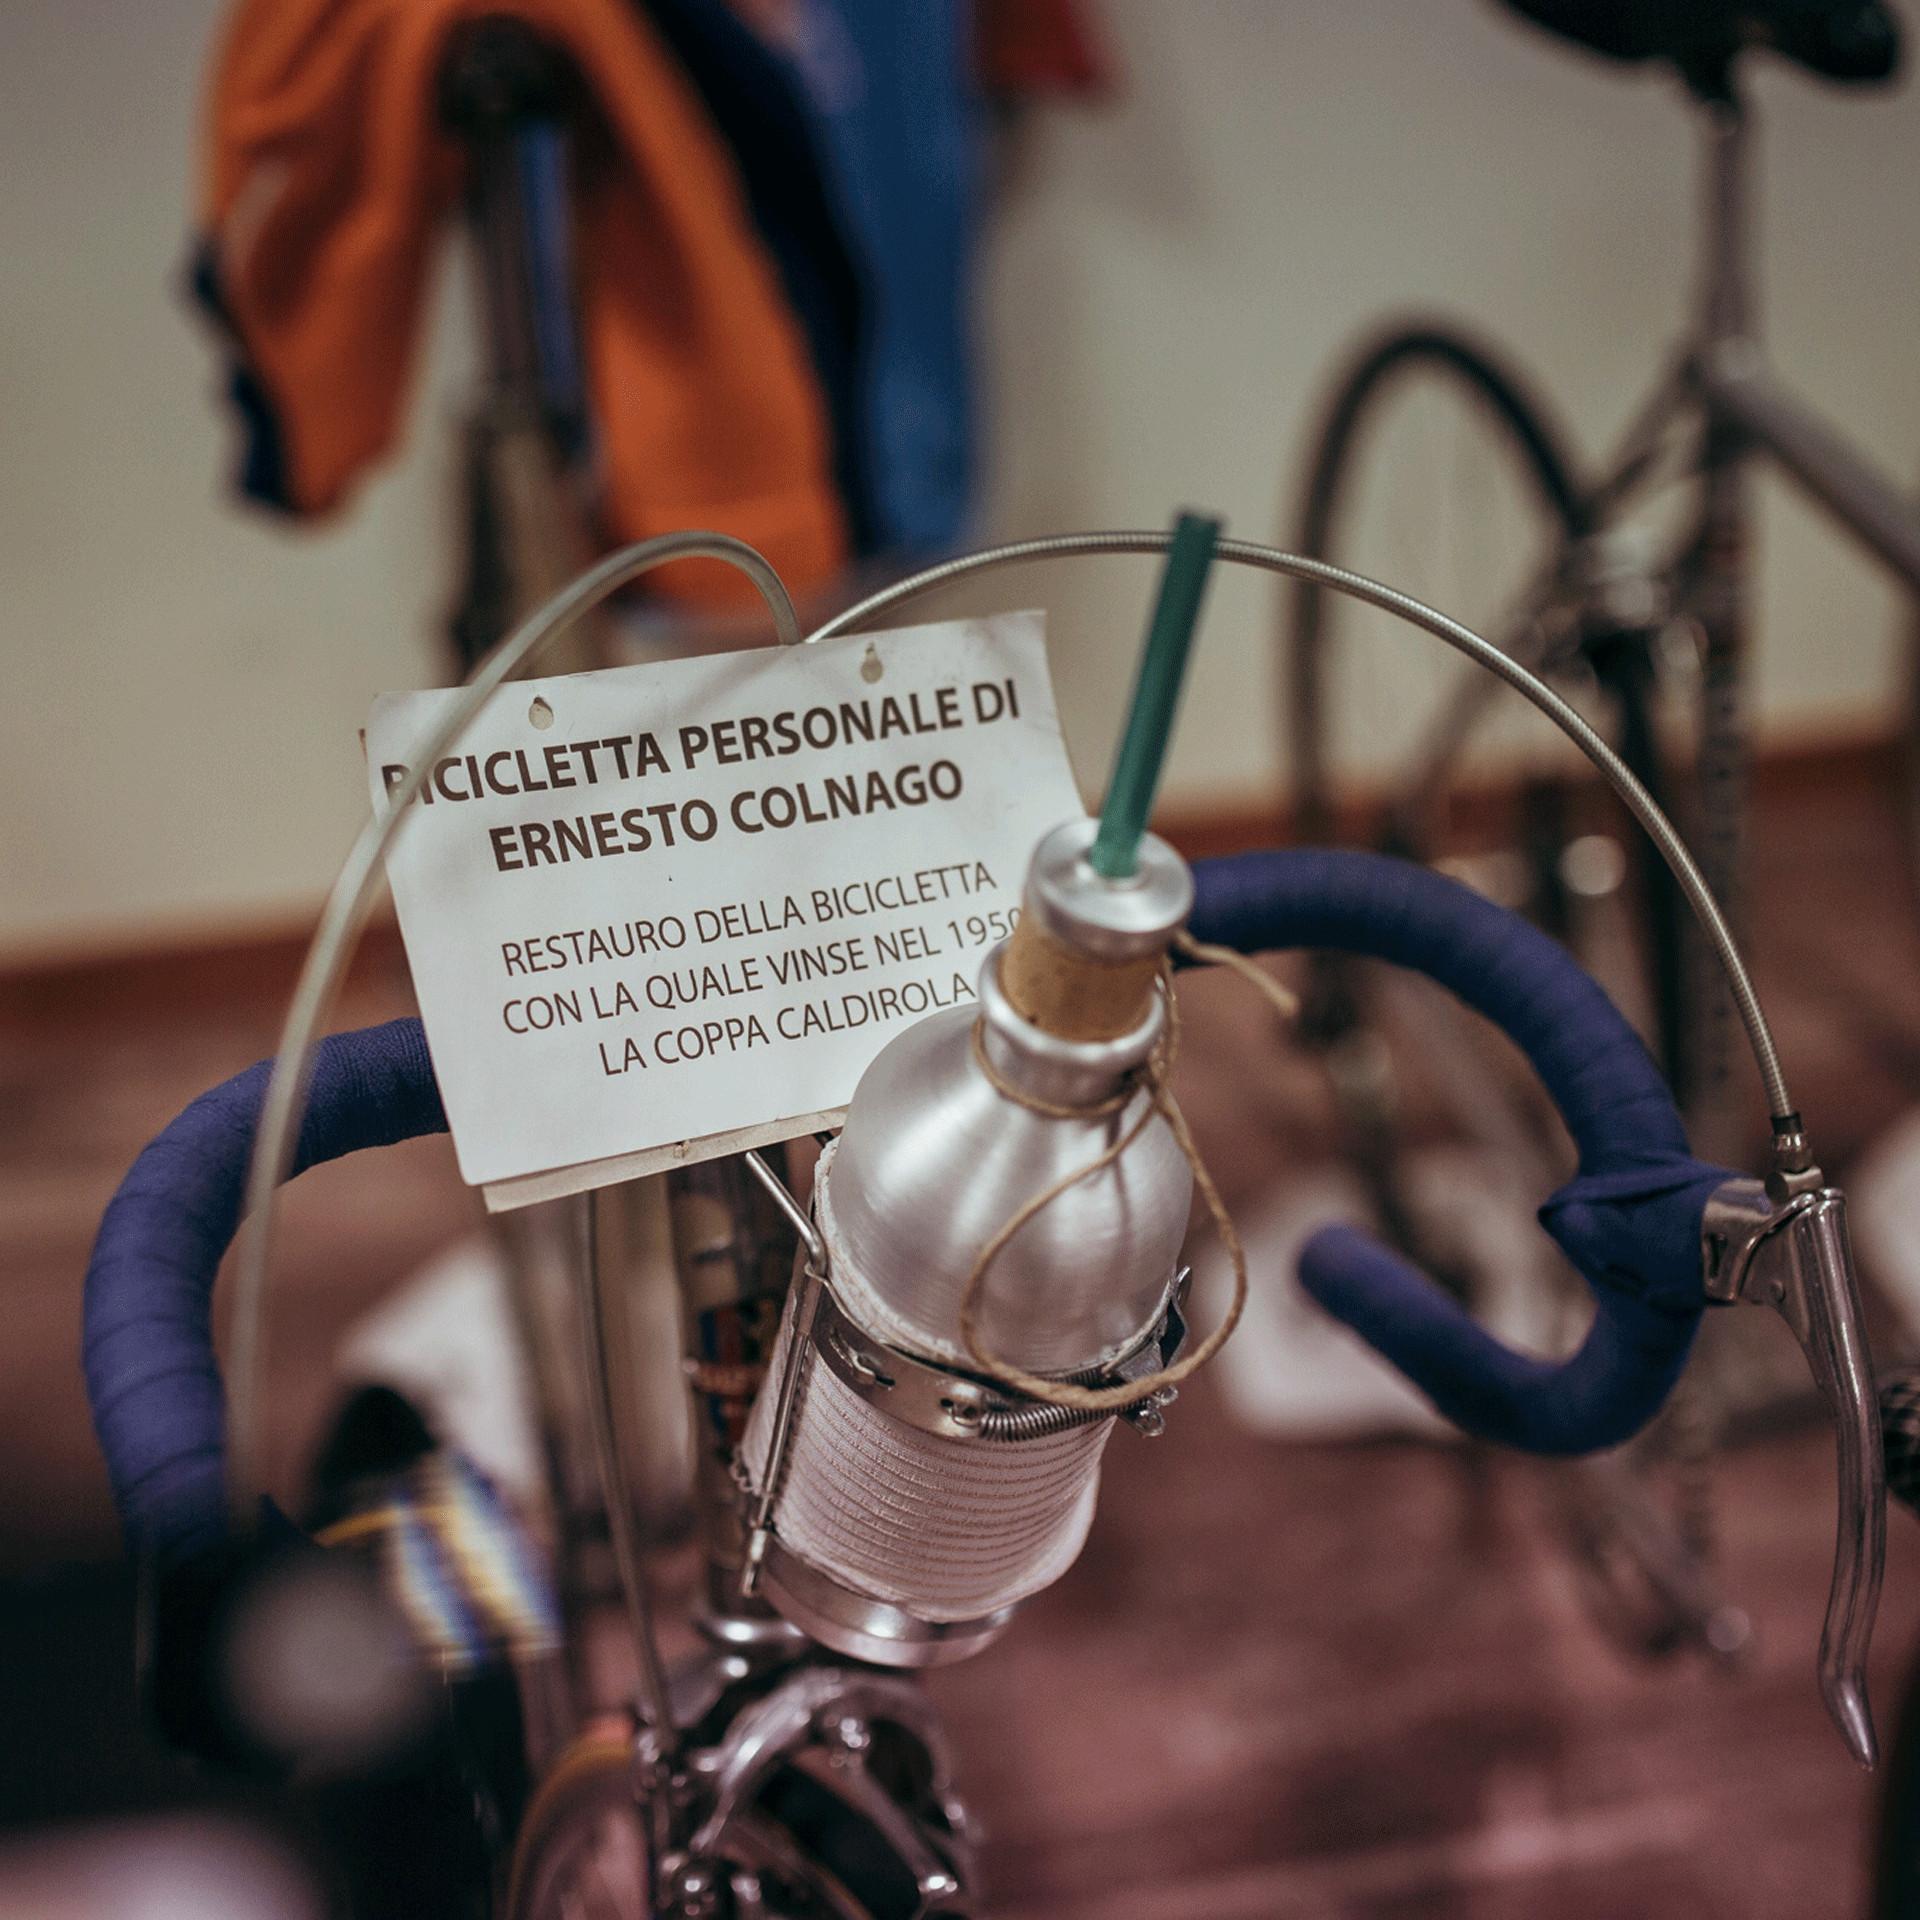 Ernesto's bike